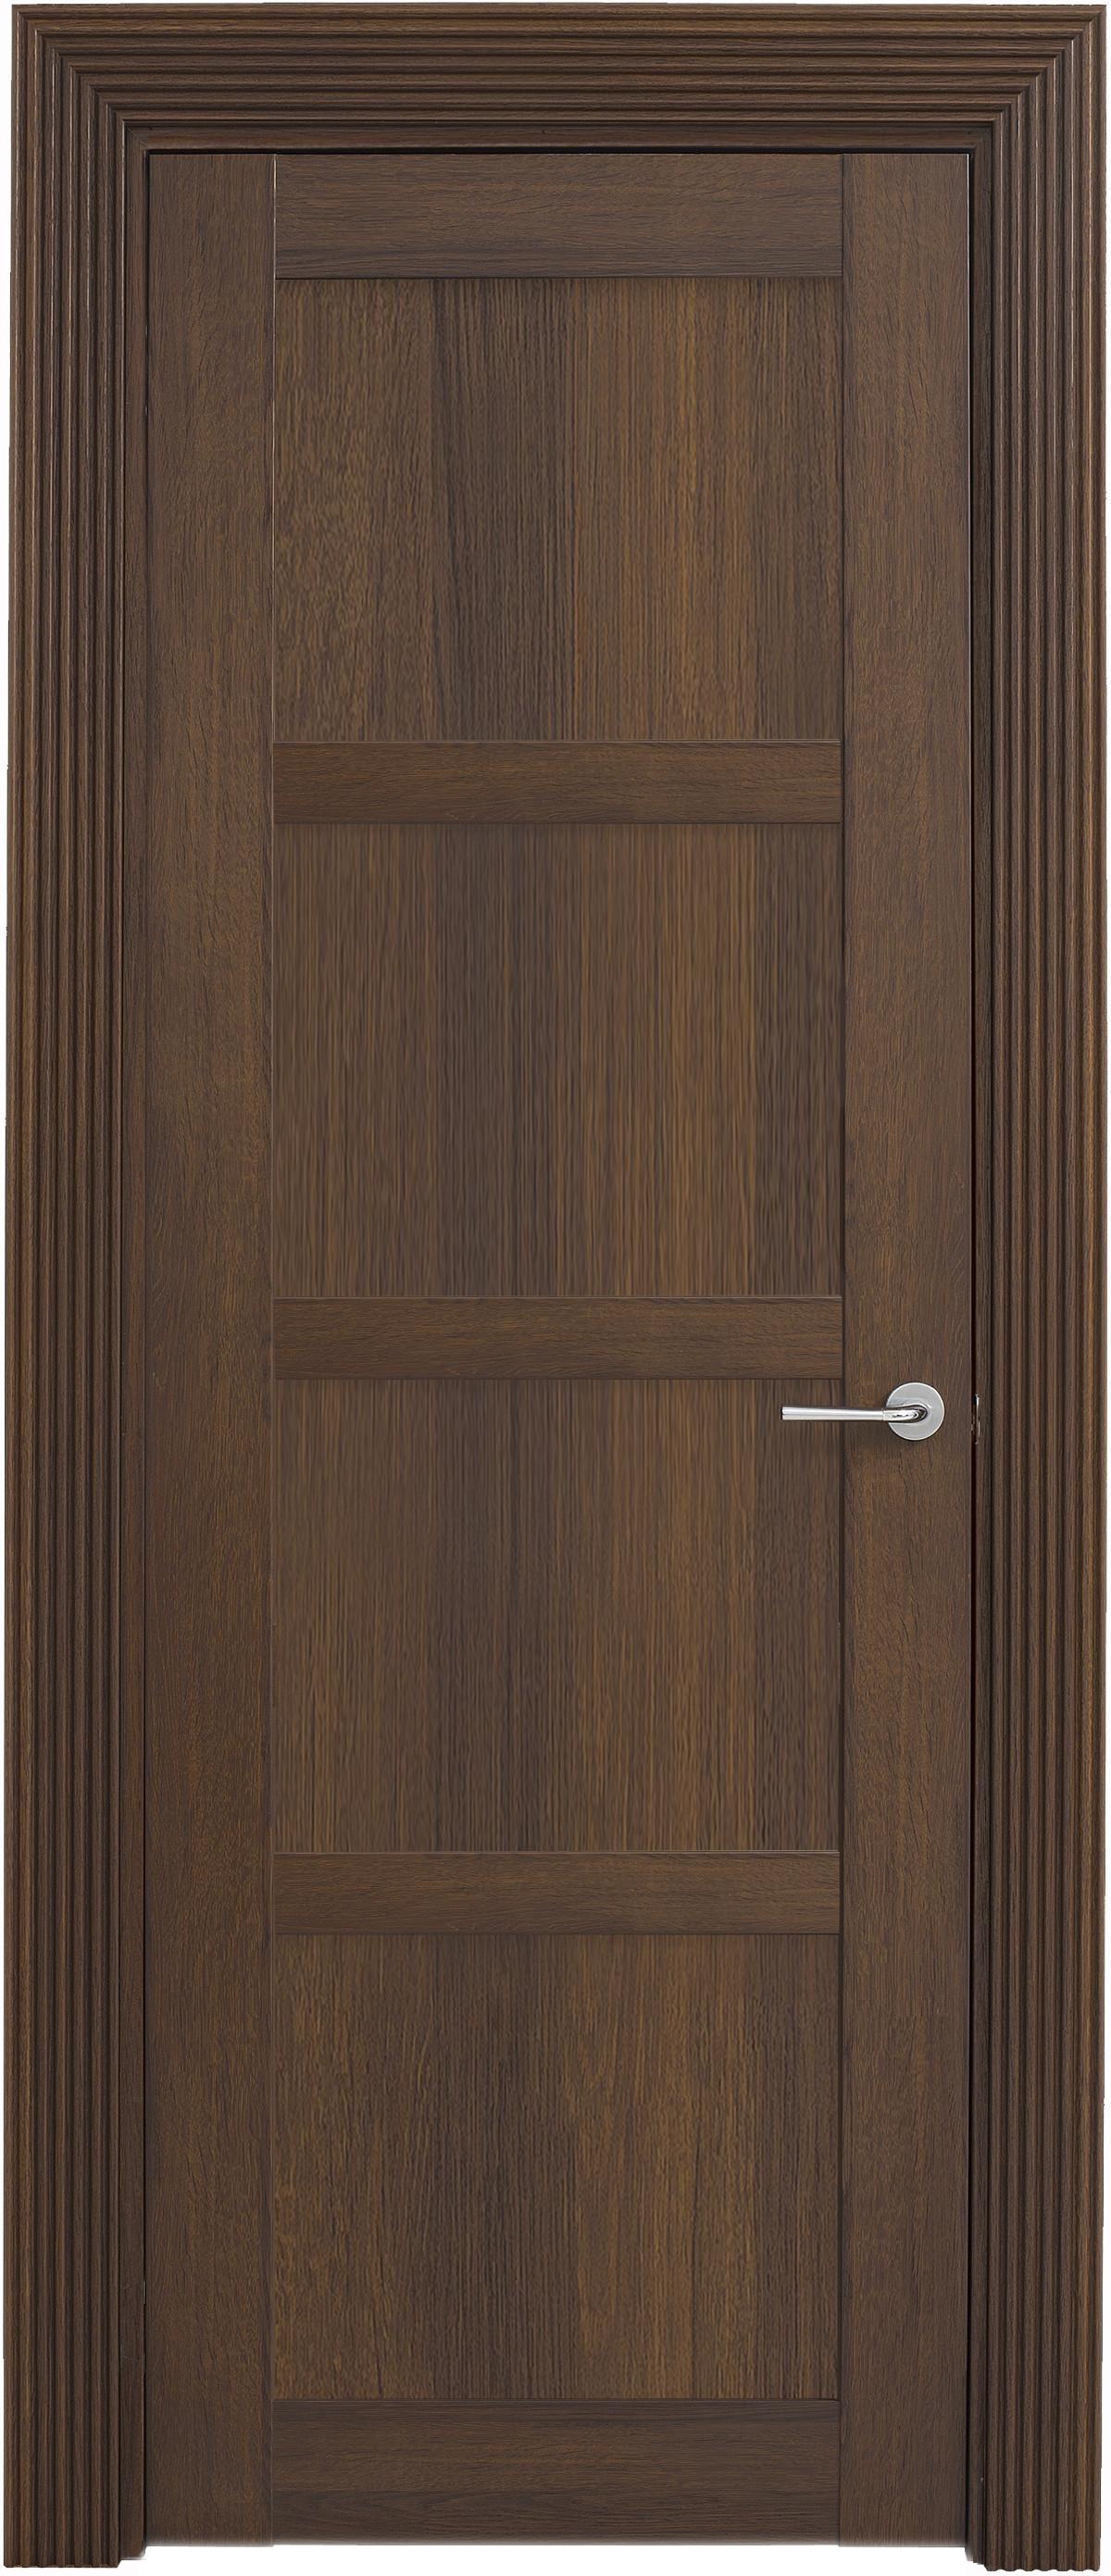 Межкомнатная / входная дверь, отделка: экошпон ГРЕЧЕСКИЙ ОРЕХ, Solo 4B